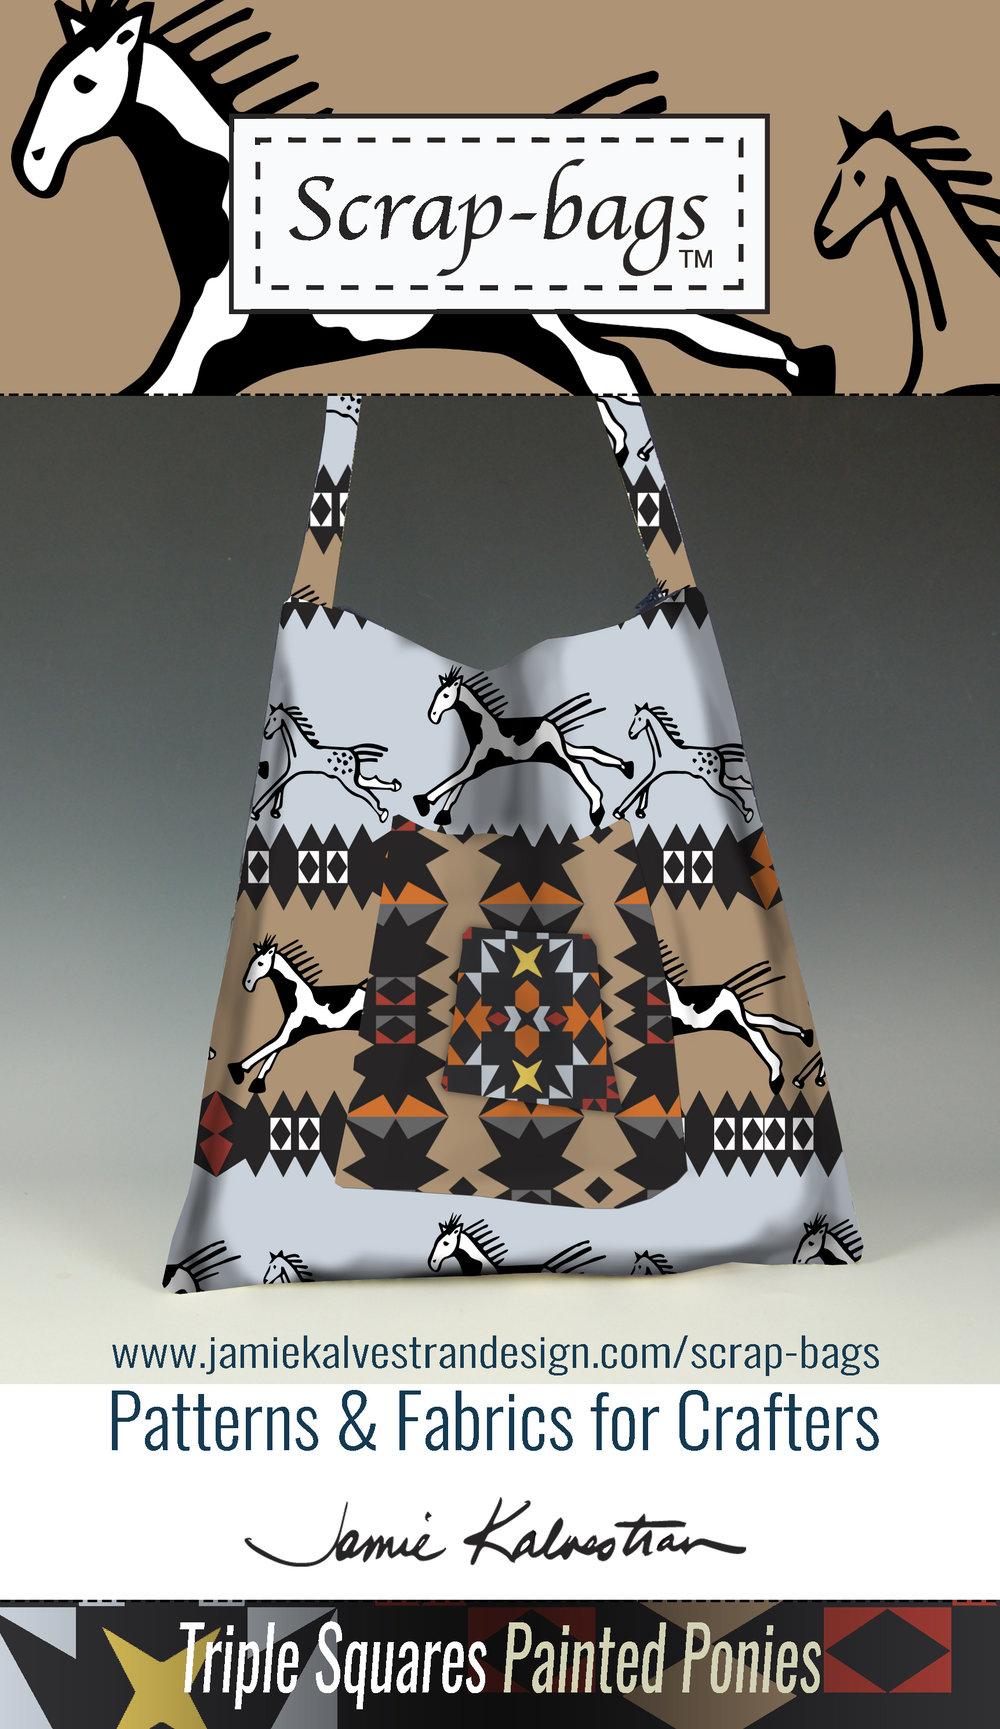 Triple_Squares_Painted_Ponies_Jamie_Kalvestran_Scrap-bags_v.jpg